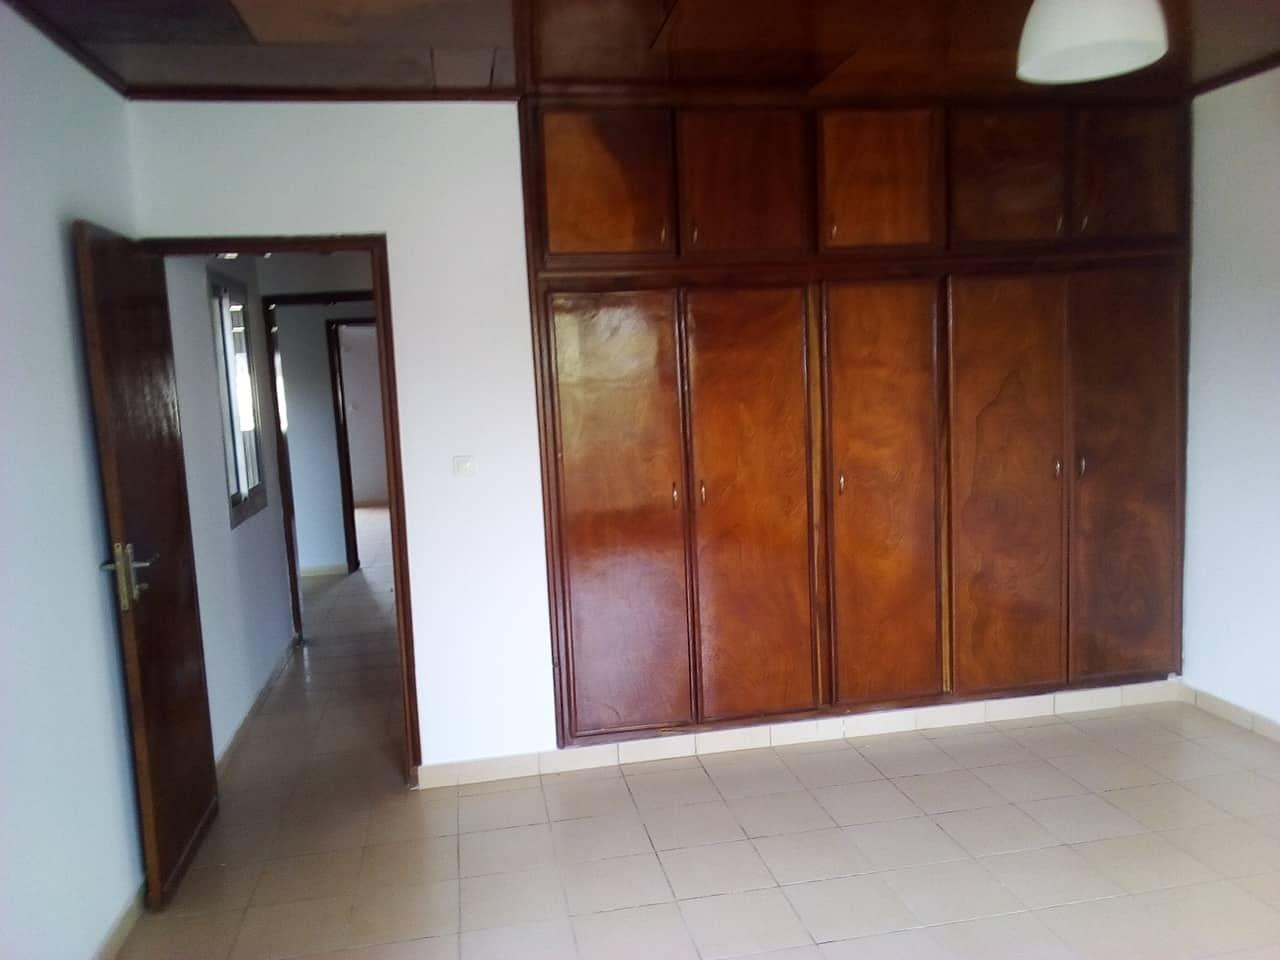 House (Villa) to rent - Yaoundé, Bastos, pas loin du golf villa avec piscine - 1 living room(s), 4 bedroom(s), 3 bathroom(s) - 2 500 000 FCFA / month